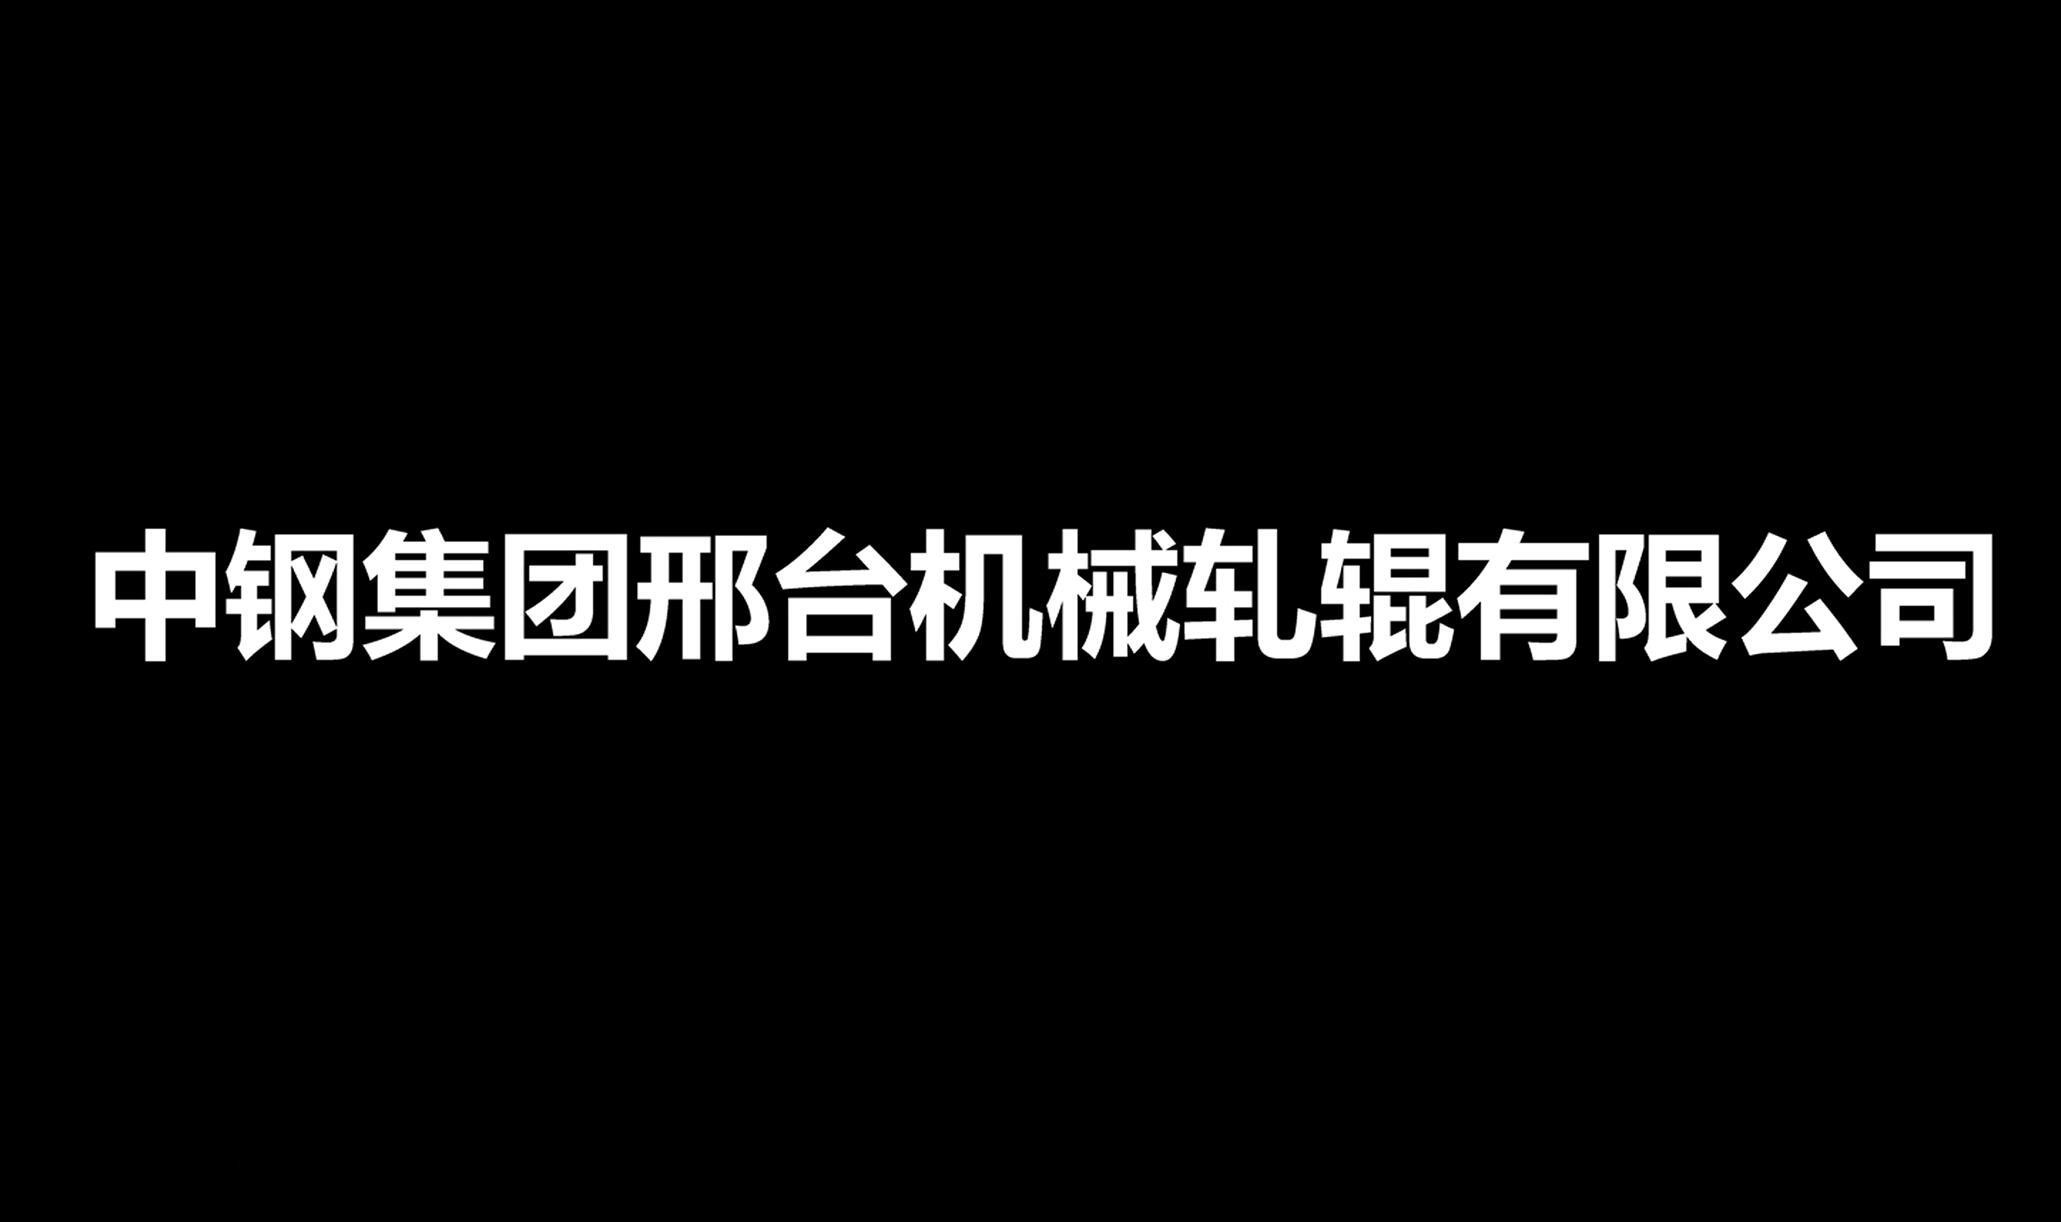 中钢集团邢台机械轧辊有限公司